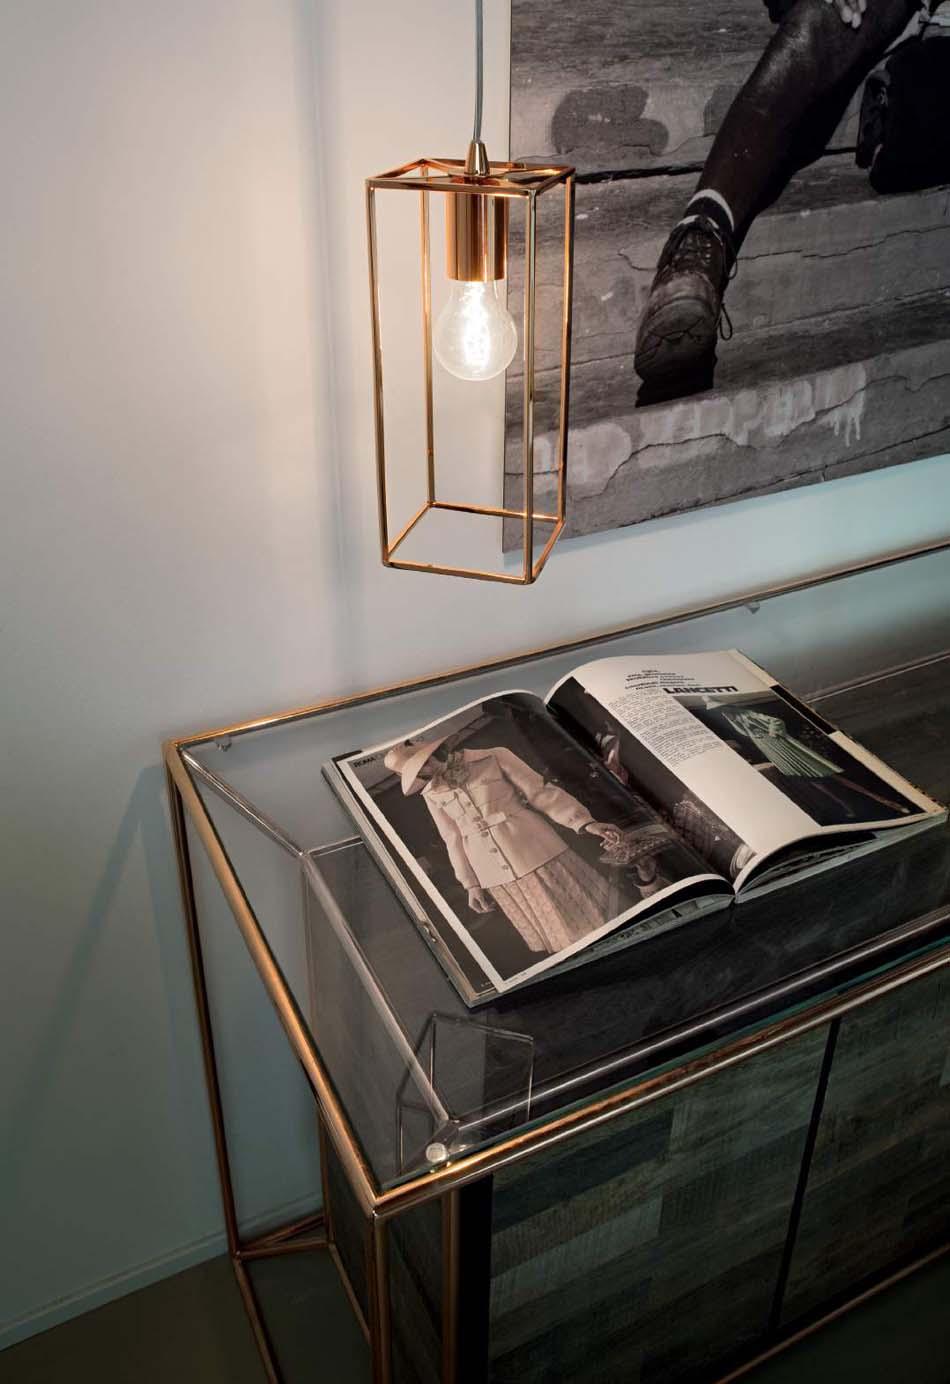 Lampade 10 sospensione Ideal Lux Volt – Bruni Arredamenti